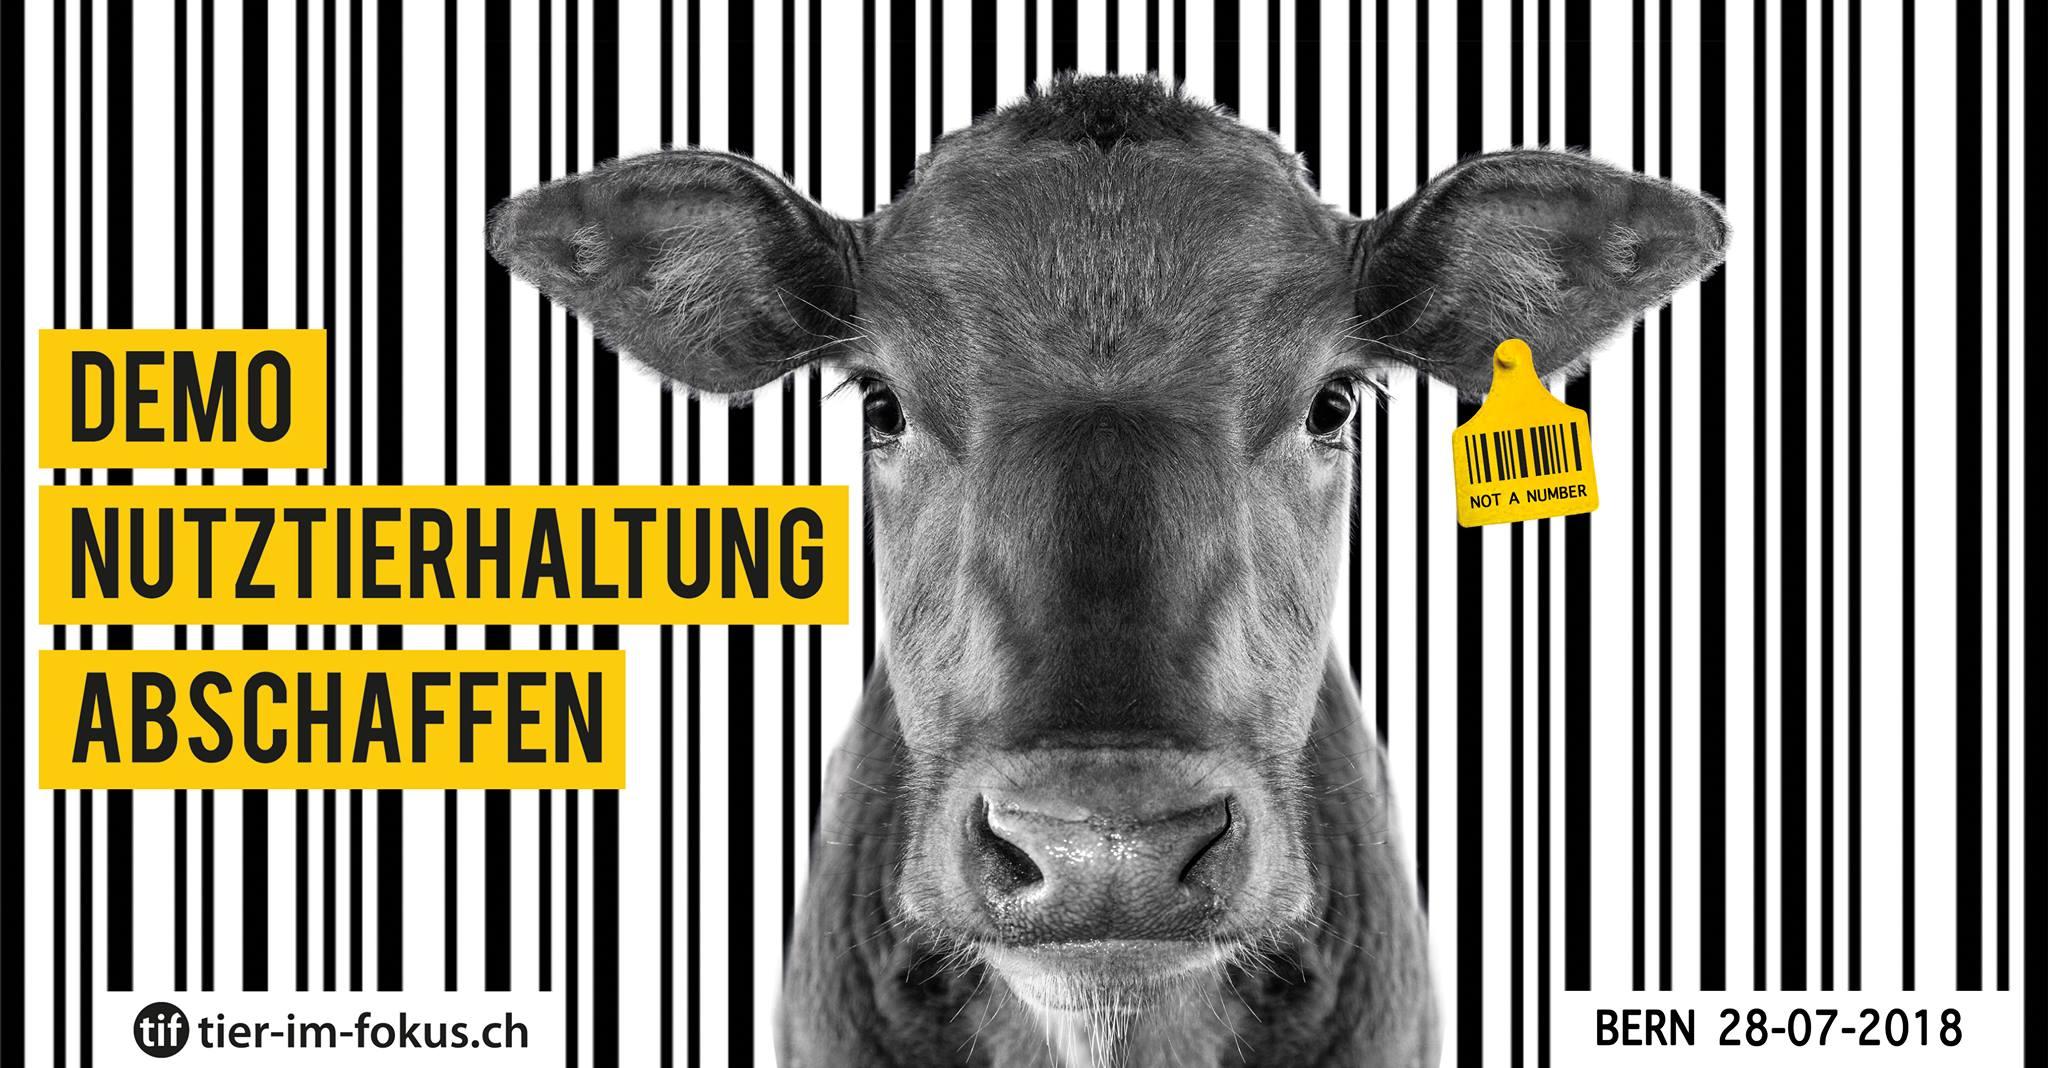 Demo Nutztierhaltung abschaffen Bern 2018